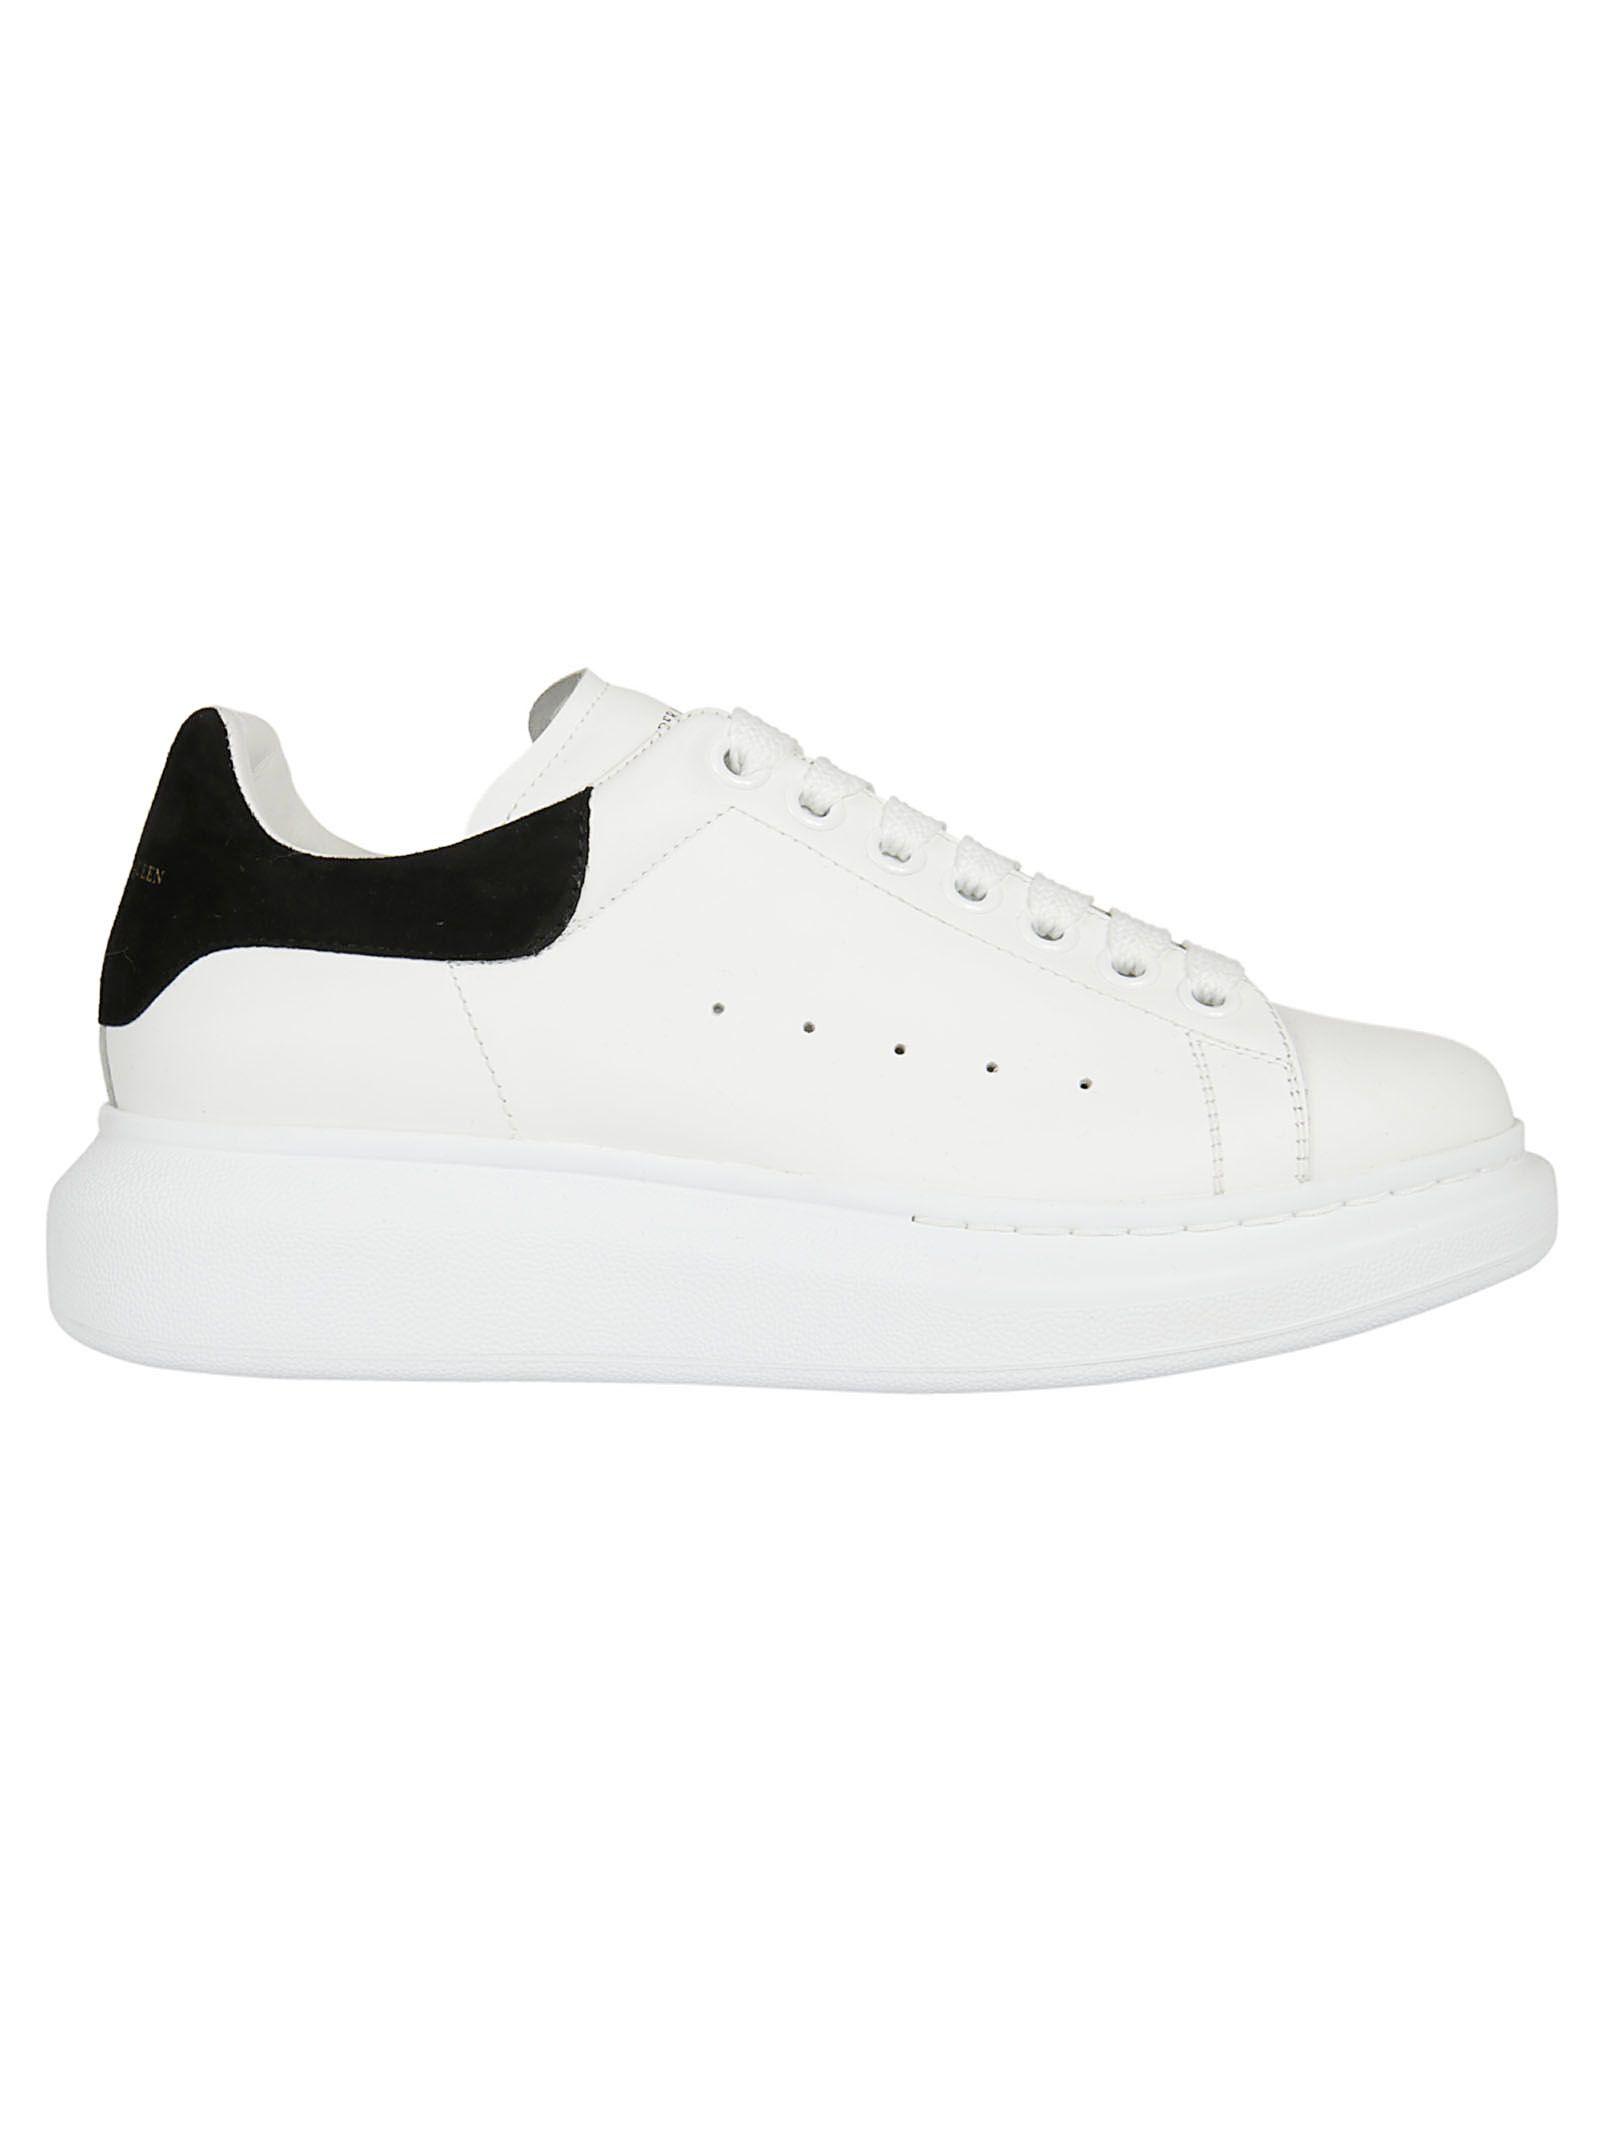 Alexander McQueen Mcq Classic Sneakers